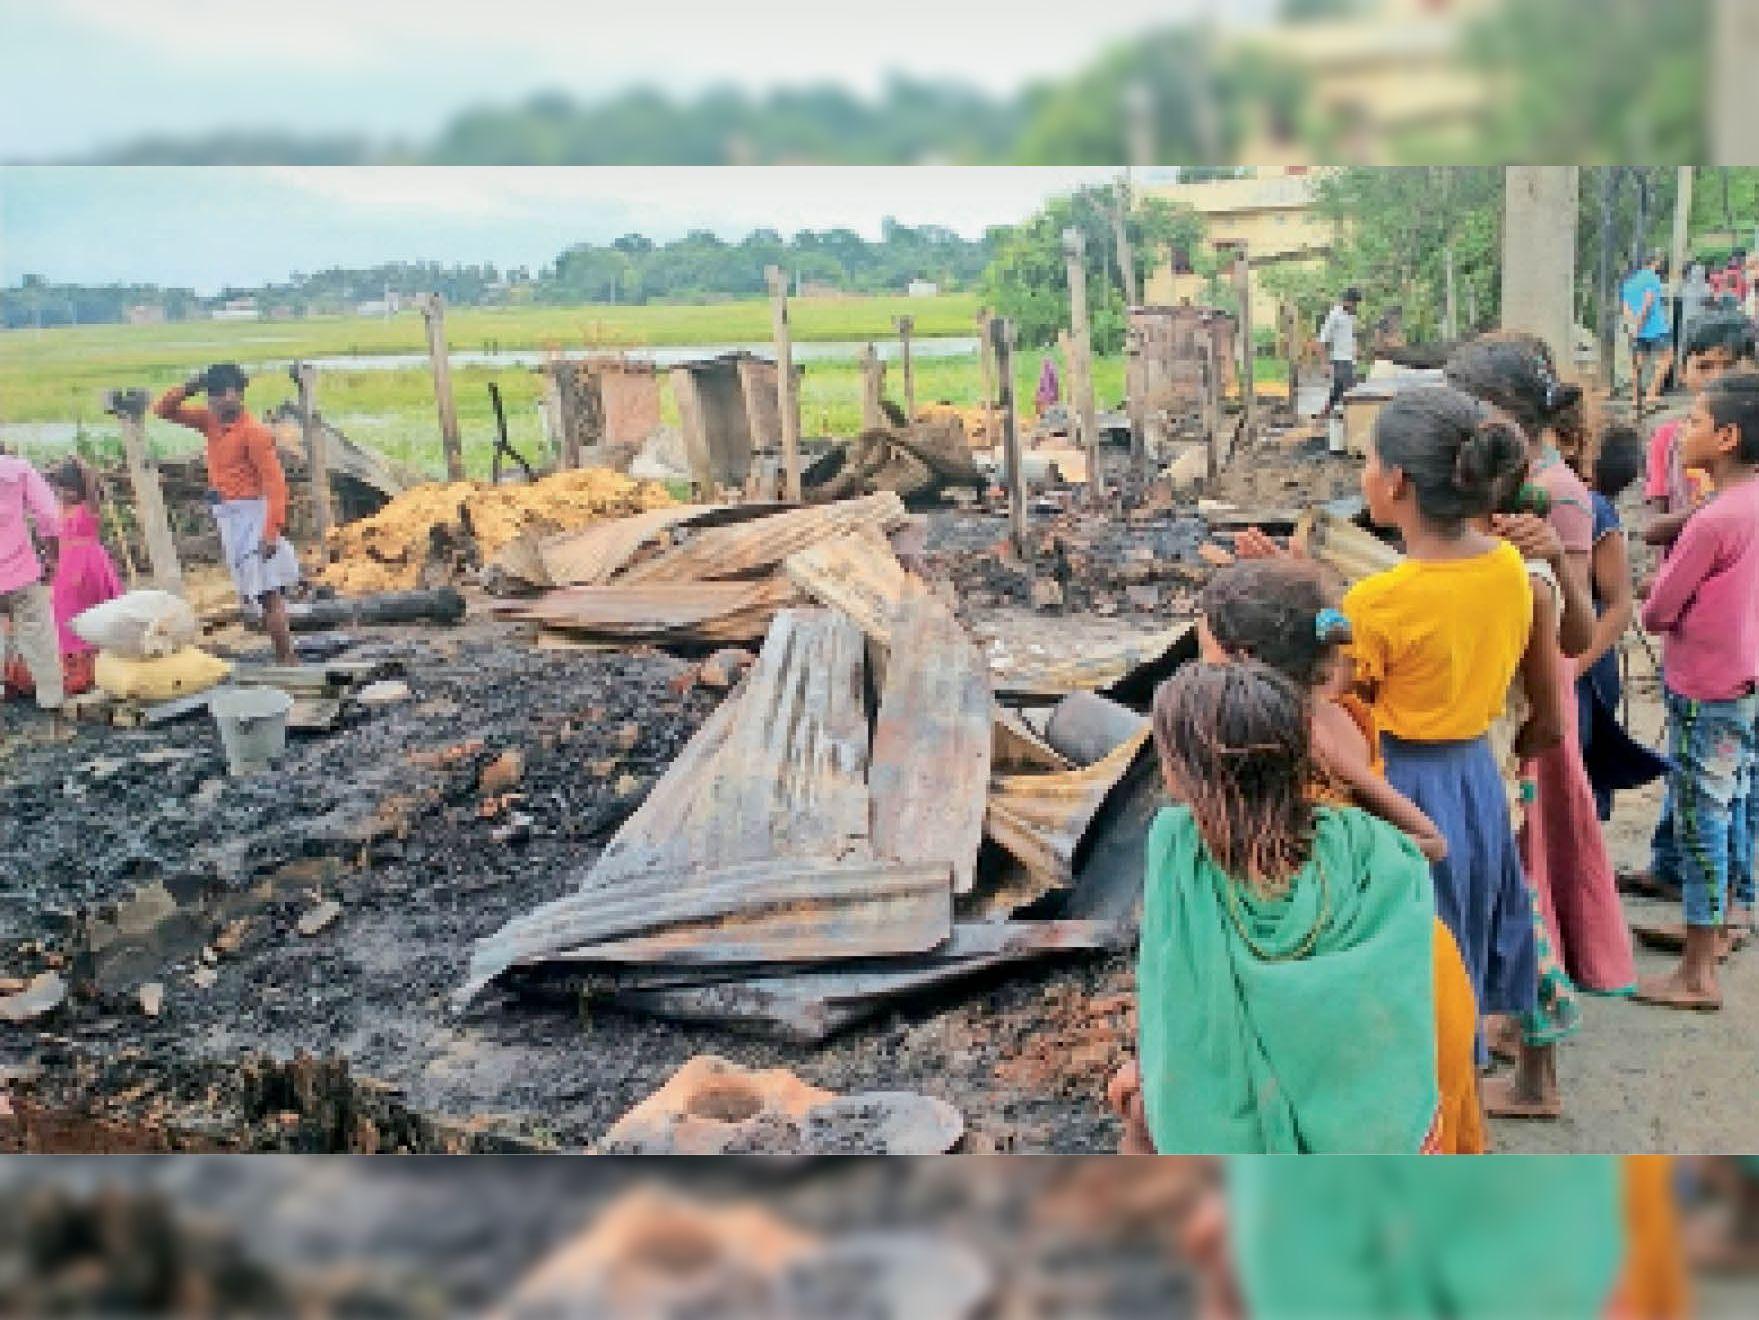 बछवाड़ा के कदराबाद पंचायत के हादीपुर गांव में बिजली शॉर्ट शर्किट से जले घर। - Dainik Bhaskar